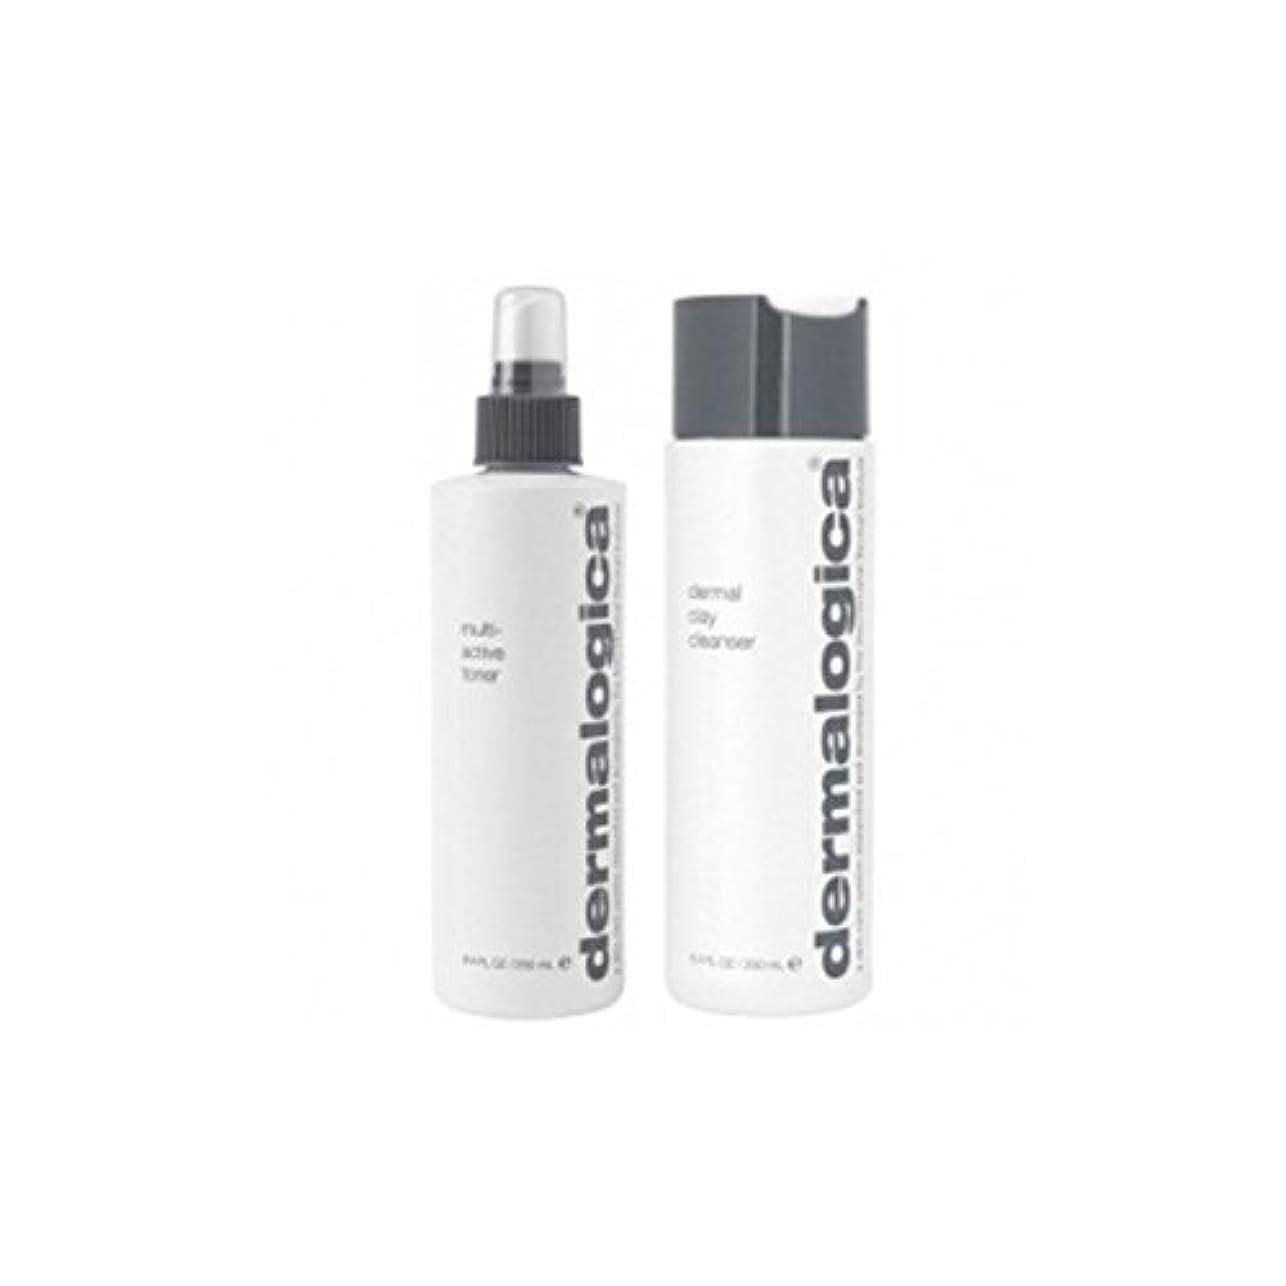 化学者くびれたにじみ出るダーマロジカクレンジング&トーンデュオ - 脂性肌(2製品) x2 - Dermalogica Cleanse & Tone Duo - Oily Skin (2 Products) (Pack of 2) [並行輸入品]